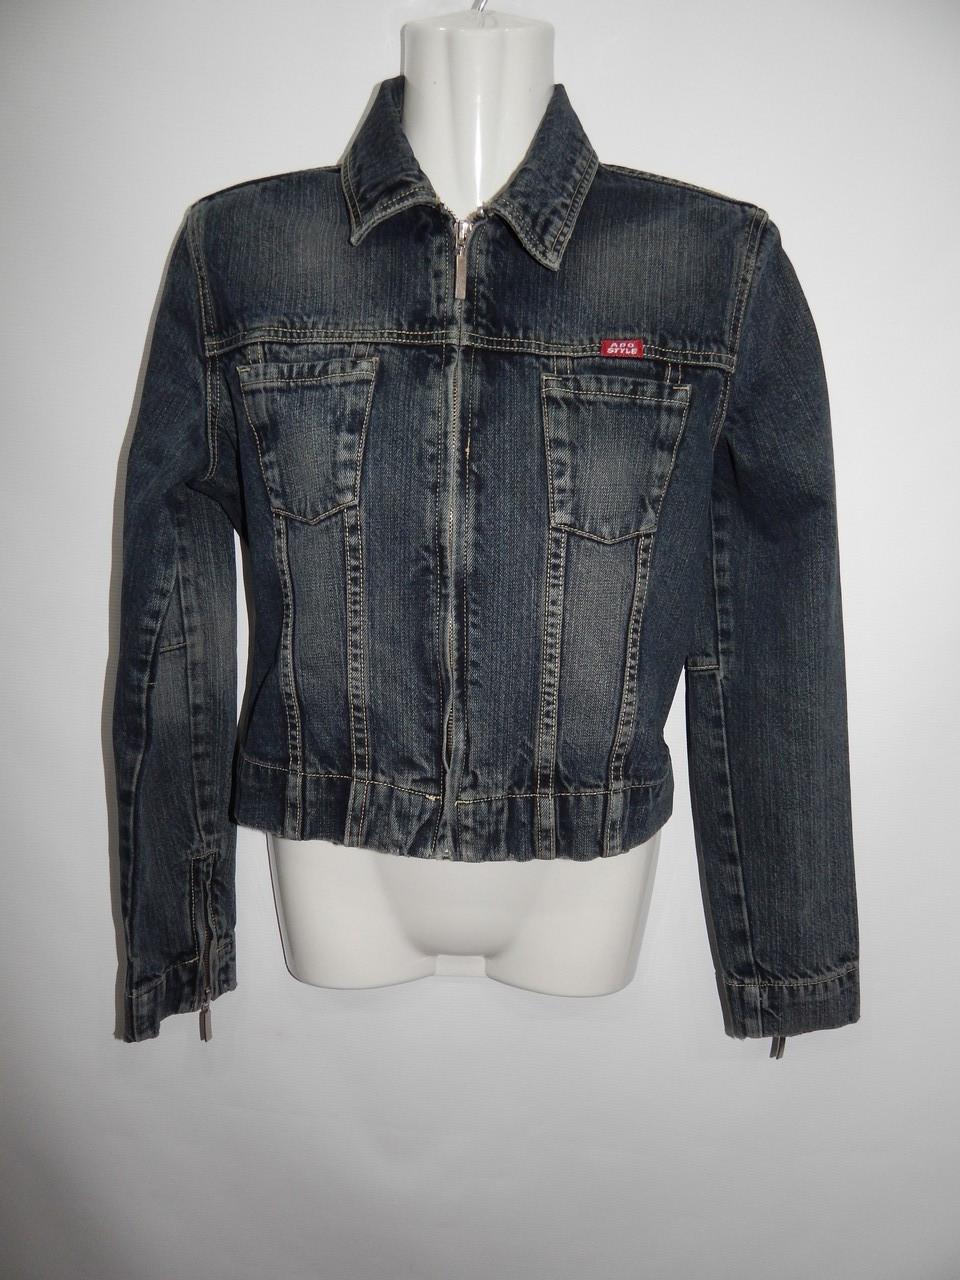 Куртка джинсовая женская ADO Vintage, RUS р.42-44, EUR 36 047DG